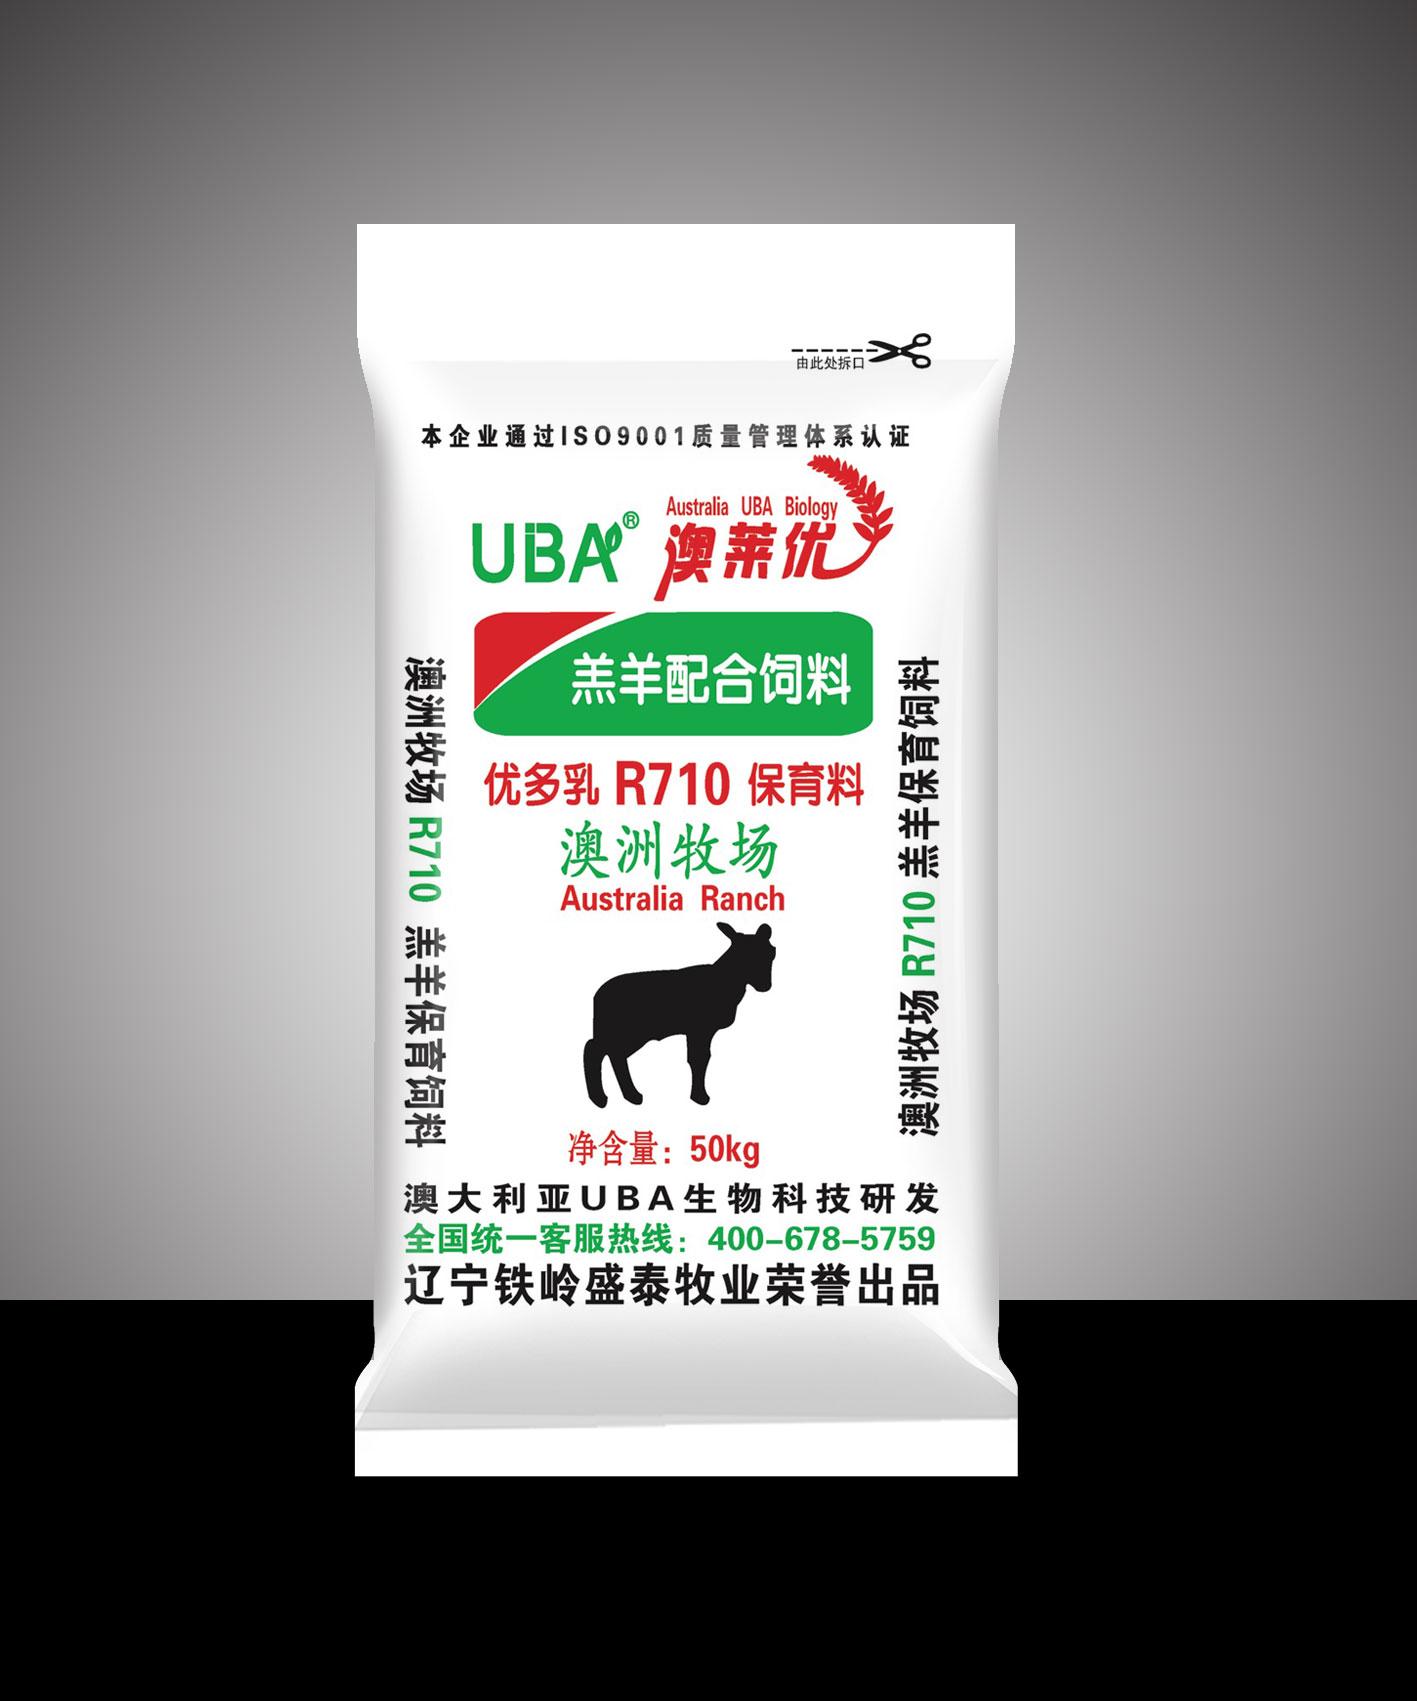 羔羊保育配合12博客户端R710